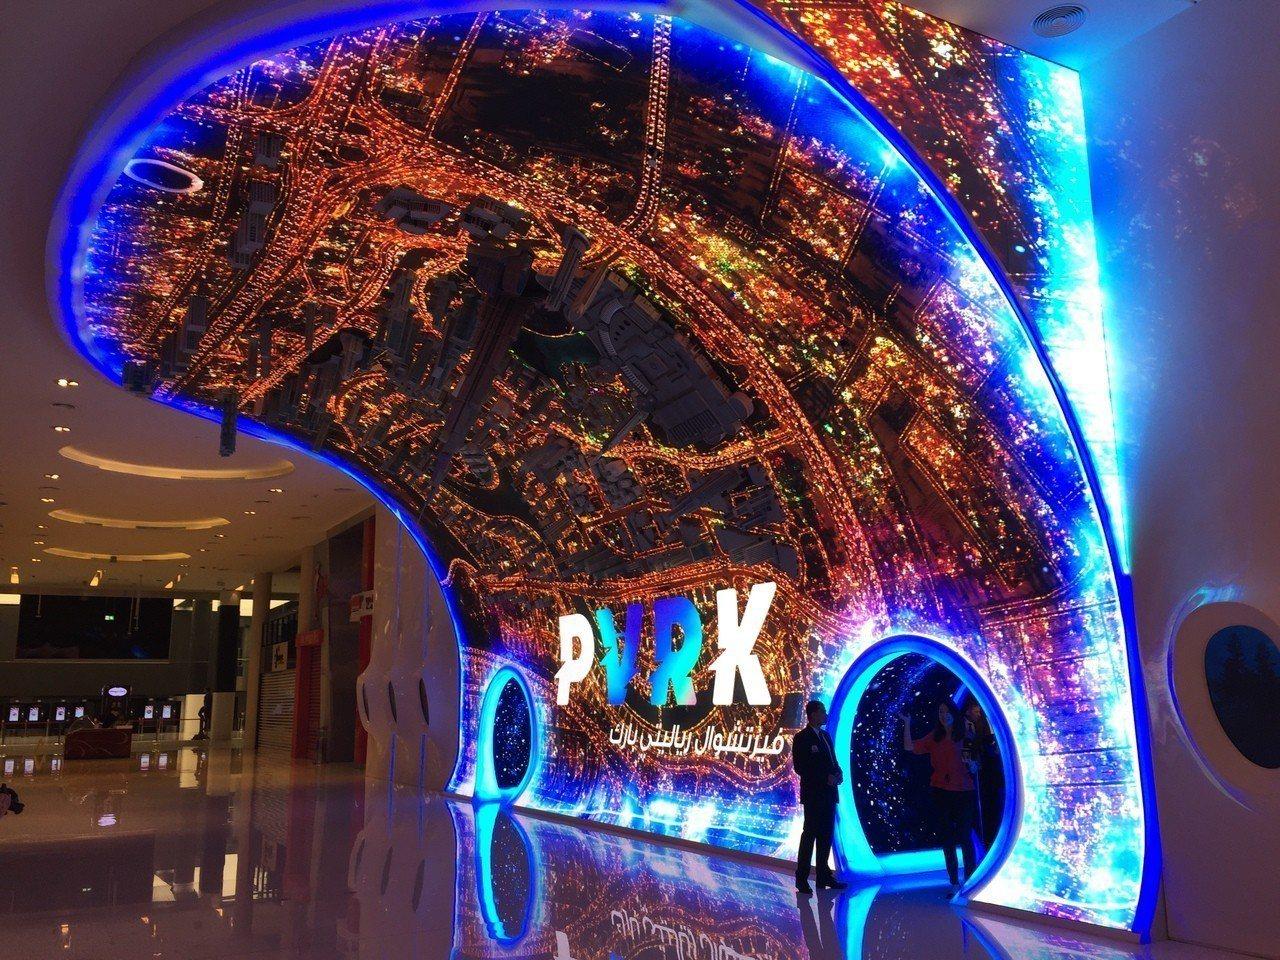 宏星技術與伊瑪爾合作,在杜拜打造世界最大的室內VR主題樂園。(記者曾仁凱/攝影)